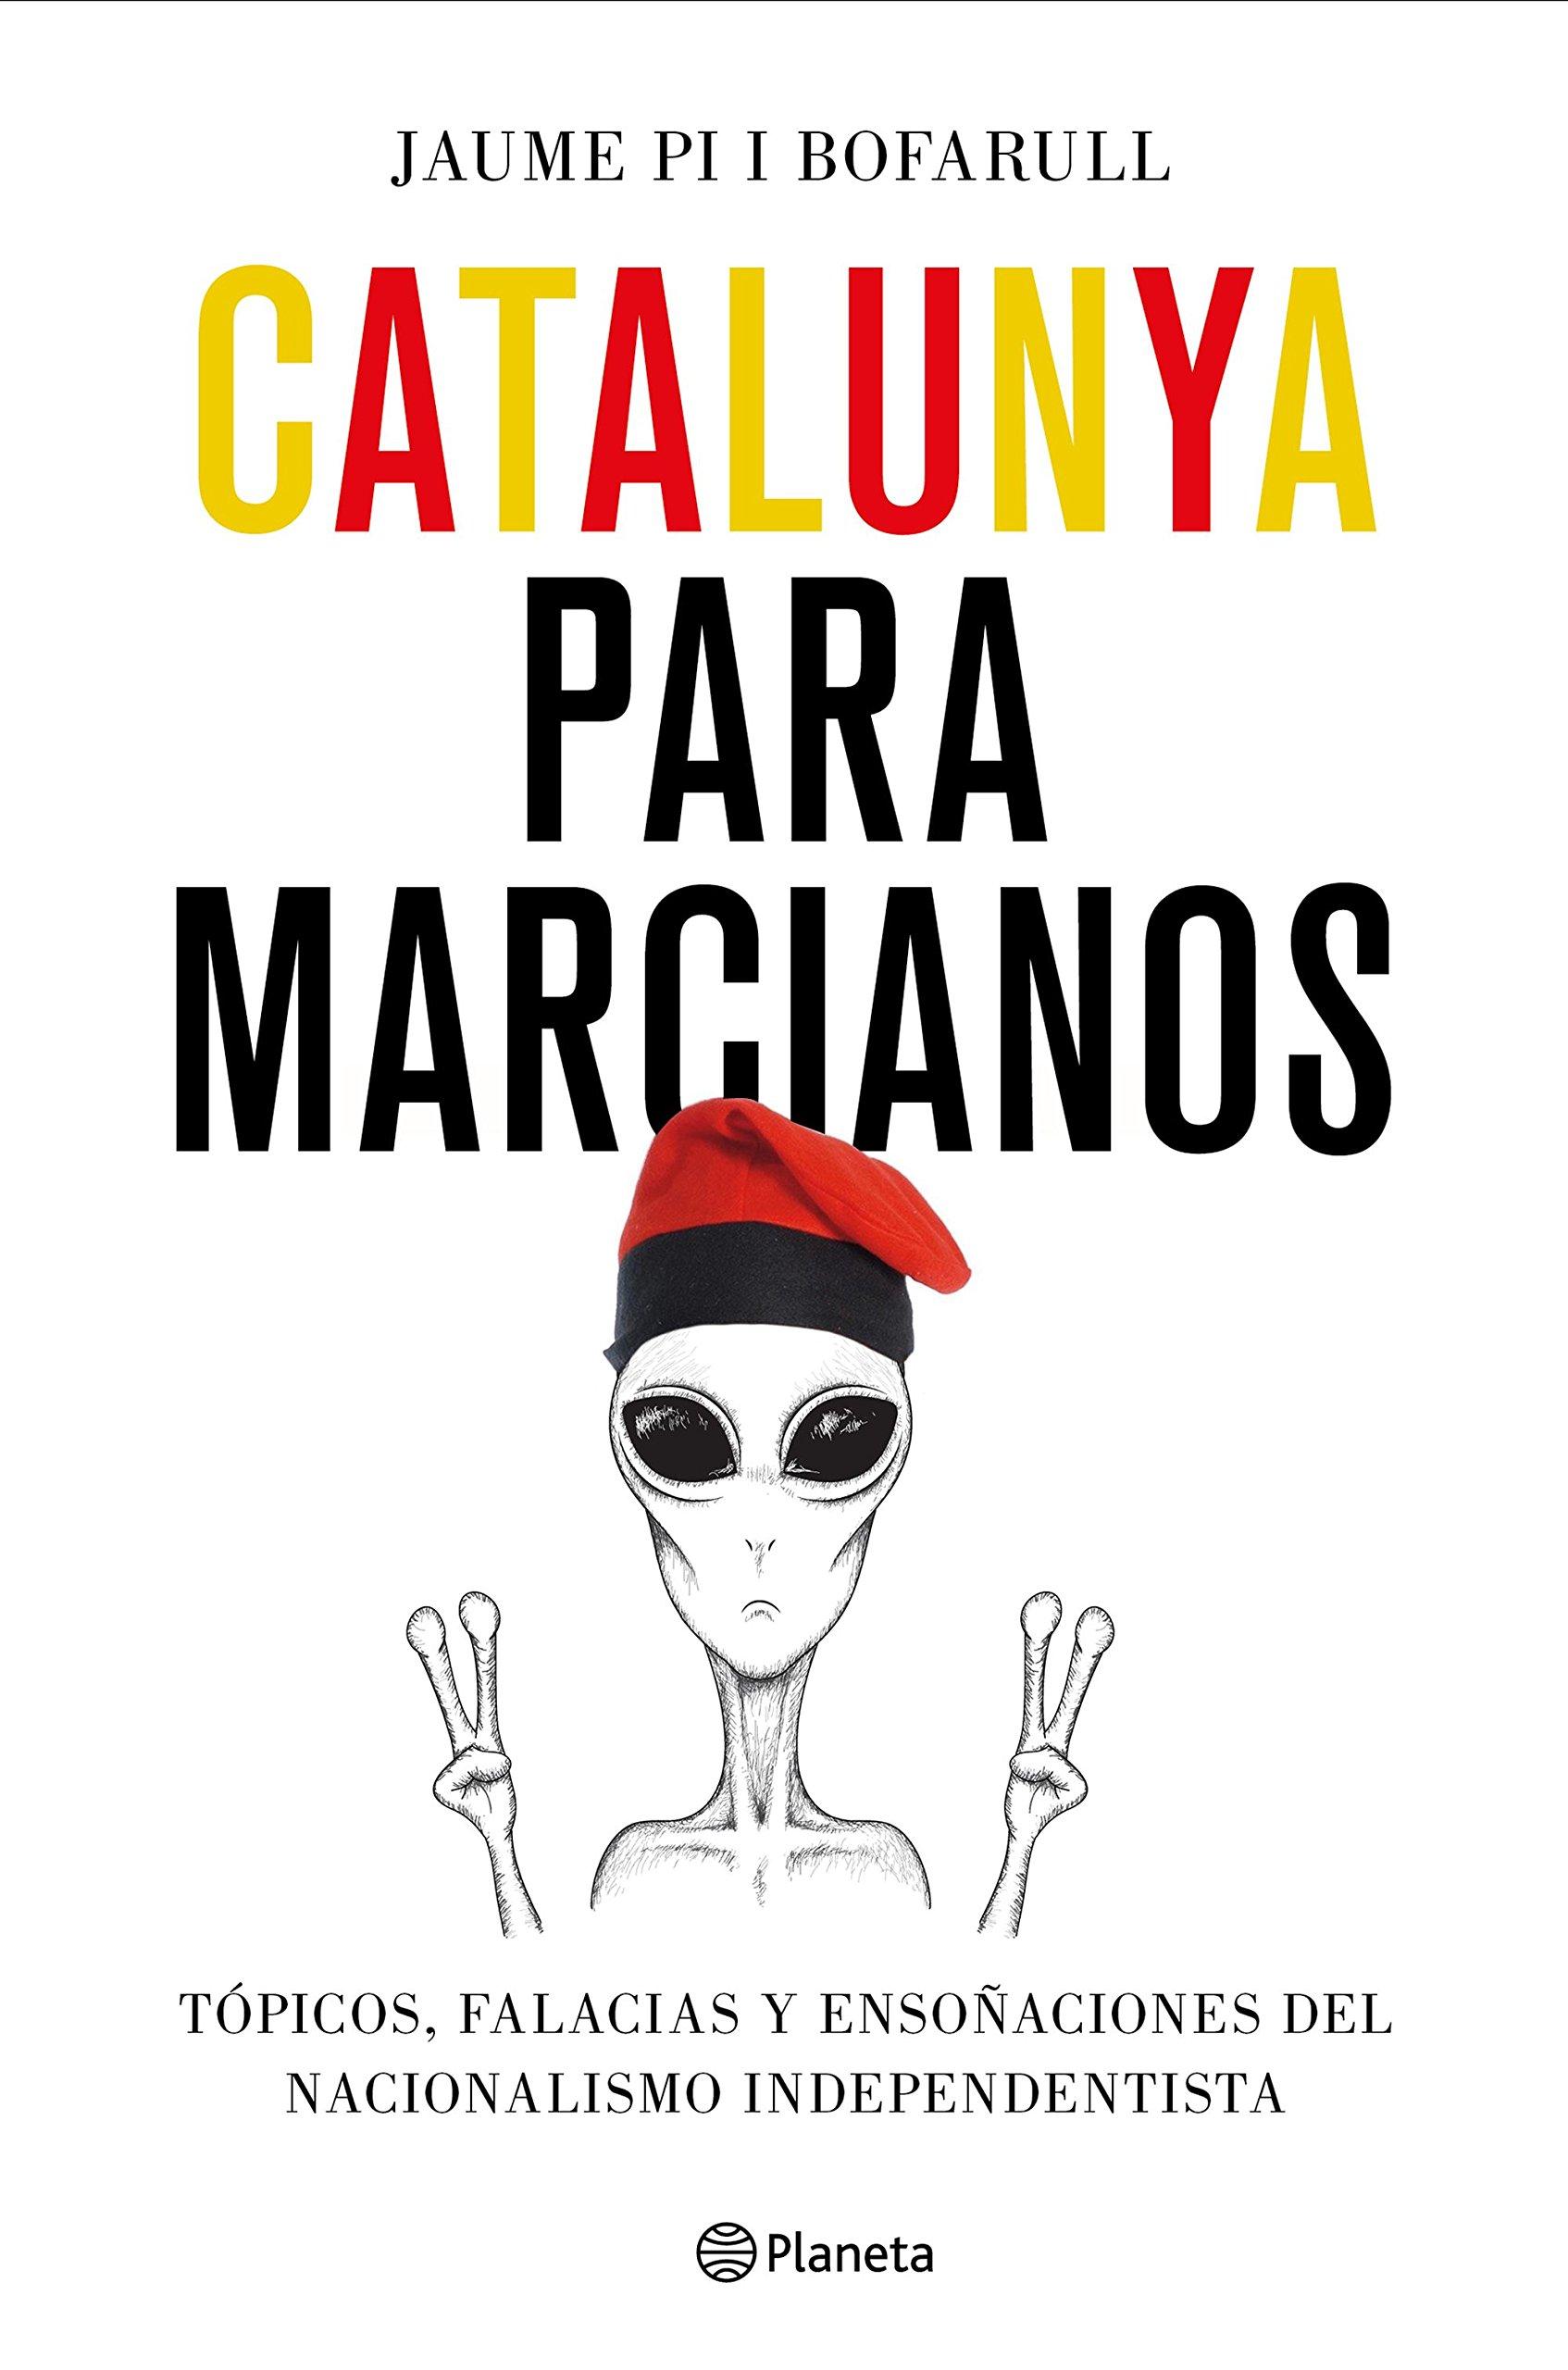 Catalunya para marcianos: Tópicos, falacias y ensoñaciones del nacionalismo independentista No Ficción: Amazon.es: Pi i Bofarull, Jaume: Libros